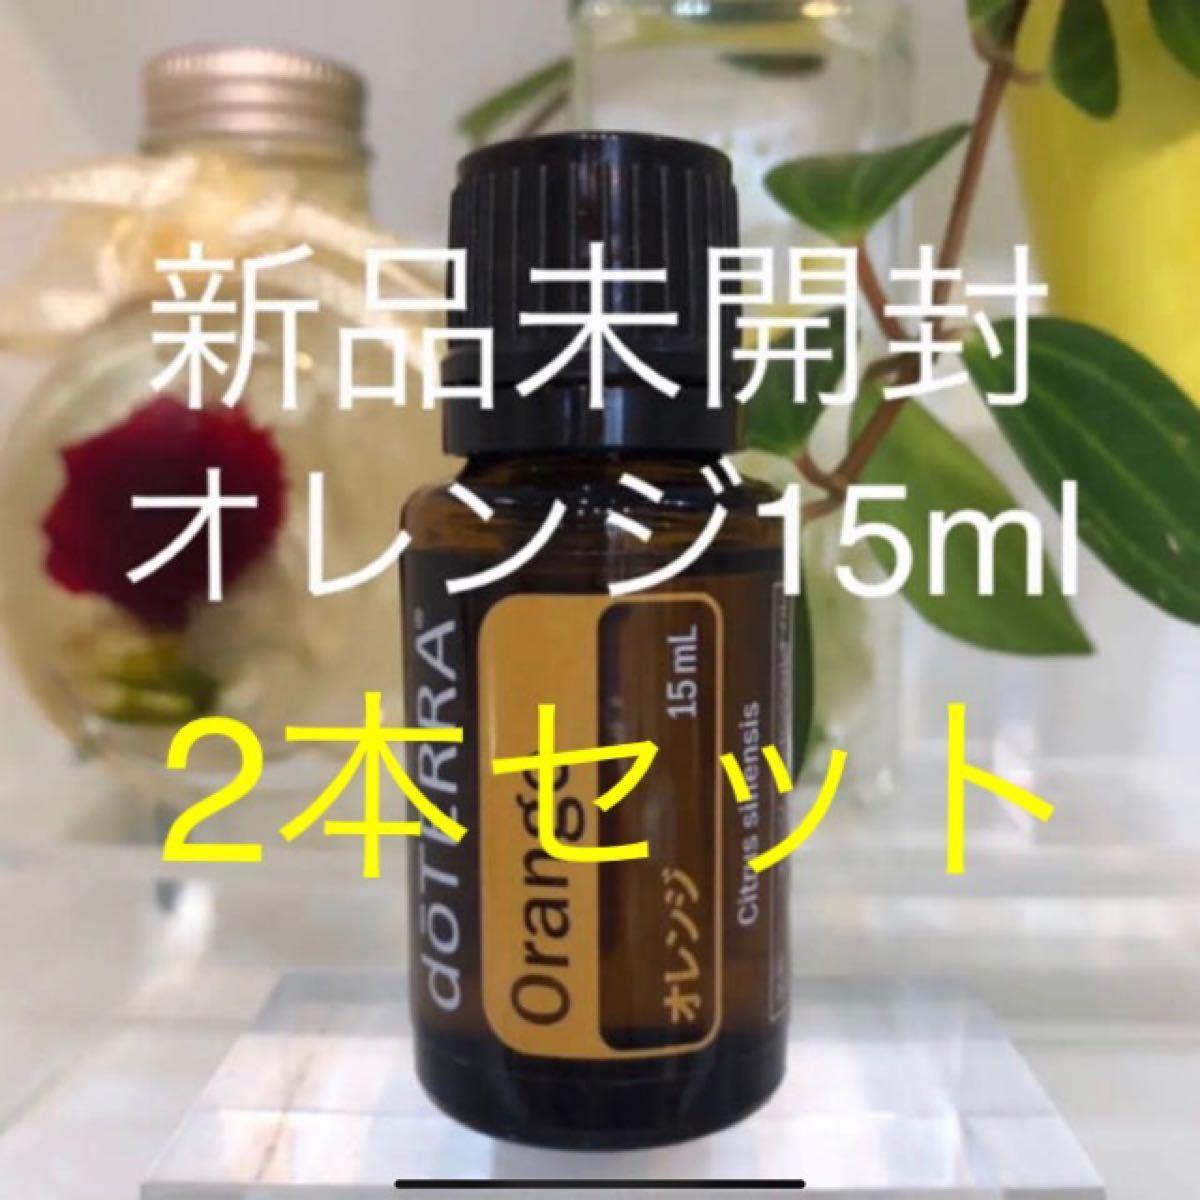 ドテラ オレンジ 15ml 2本セット ★正規品★新品未開封★